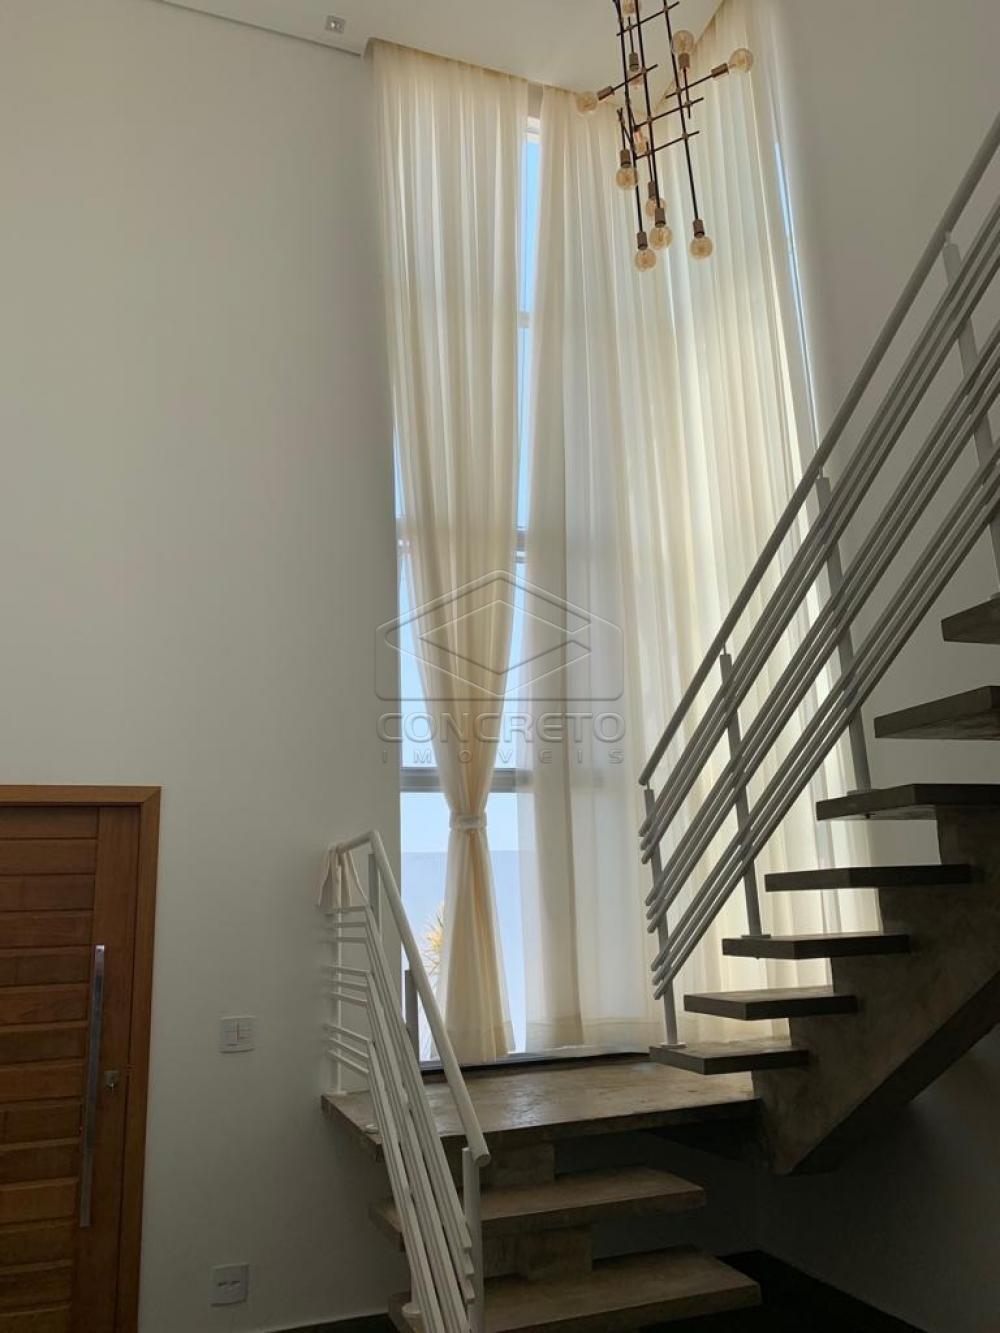 Comprar Casa / Padrão em Sao Manuel apenas R$ 650.000,00 - Foto 35